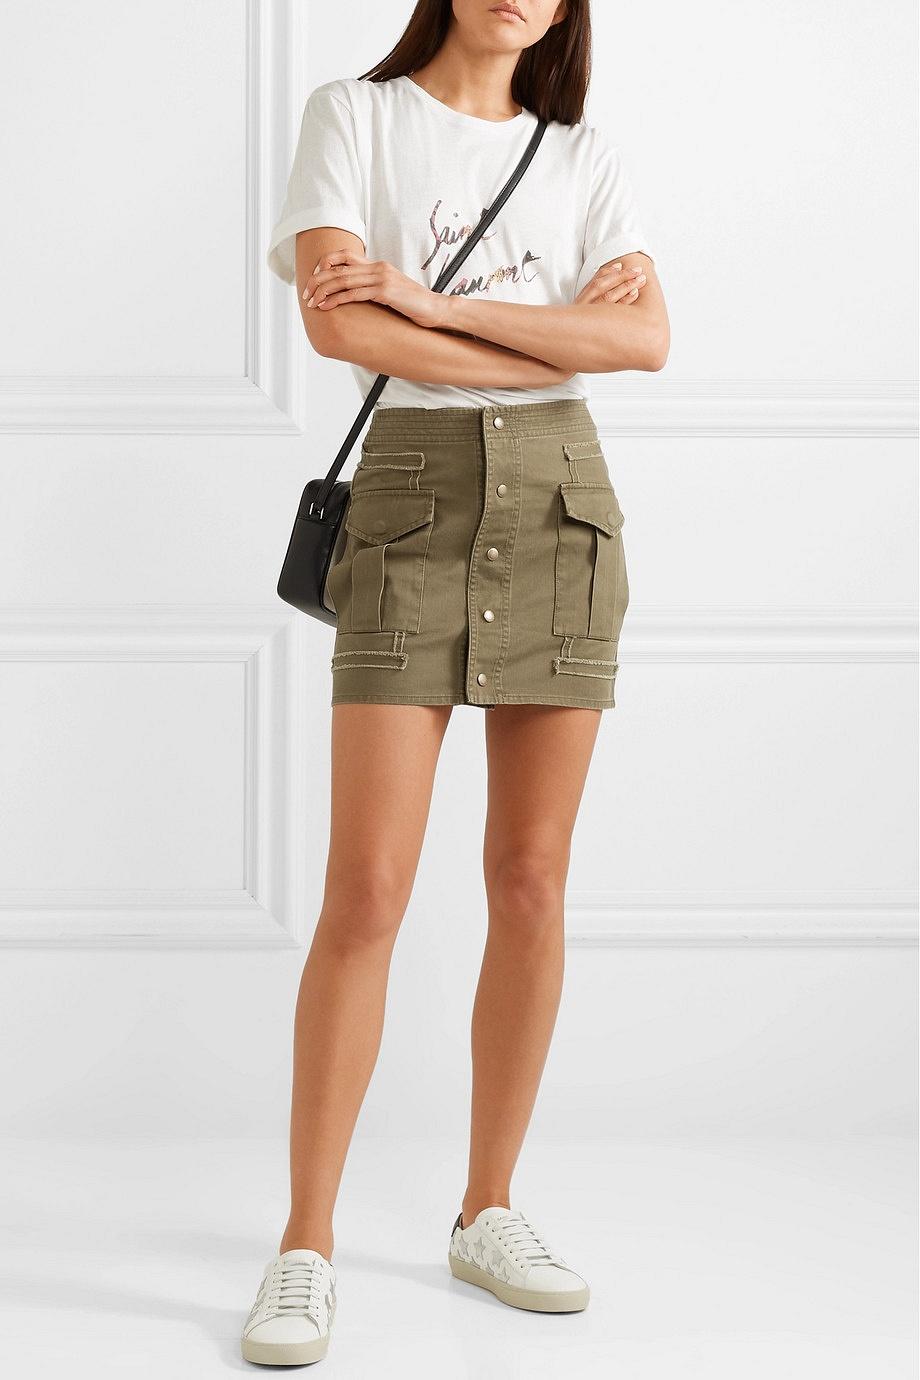 Модные летние юбки 2019: выбираем трендовые модели